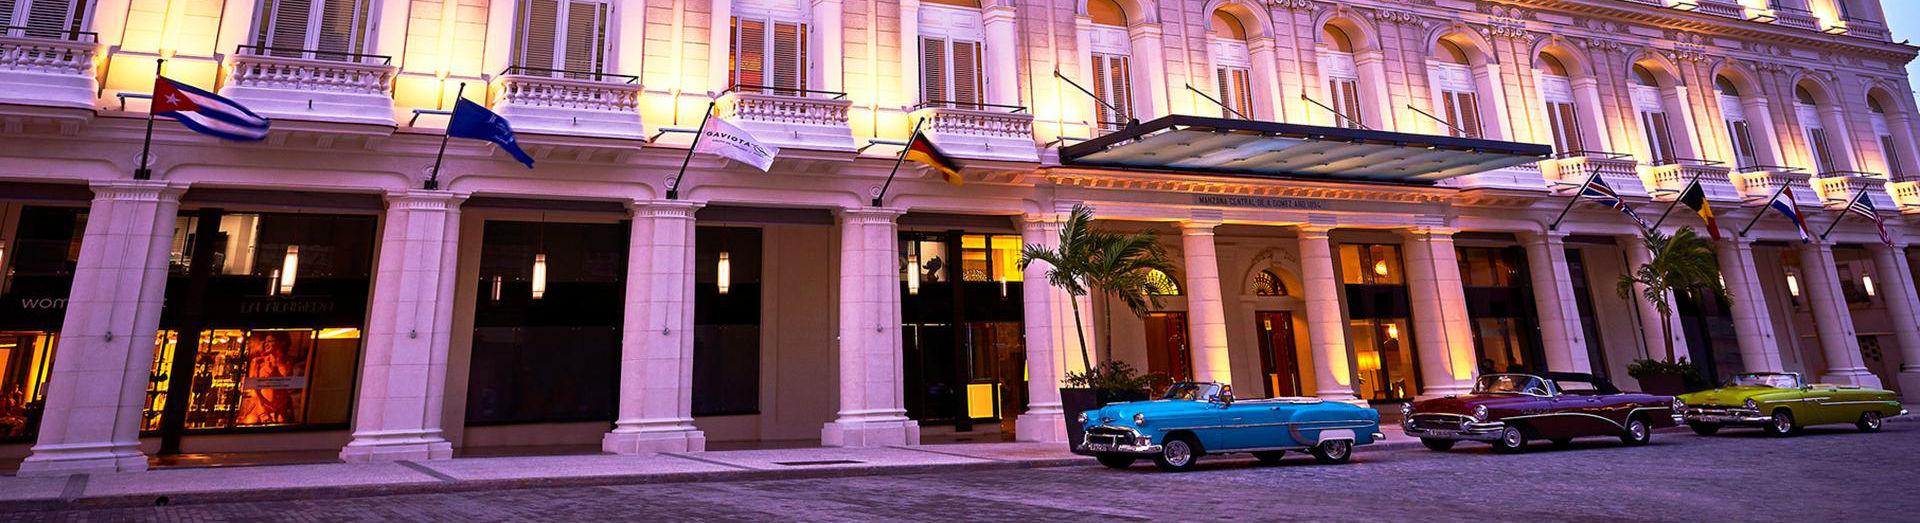 Entrance to the Gran Hotel Manzana Kempinski La Habana